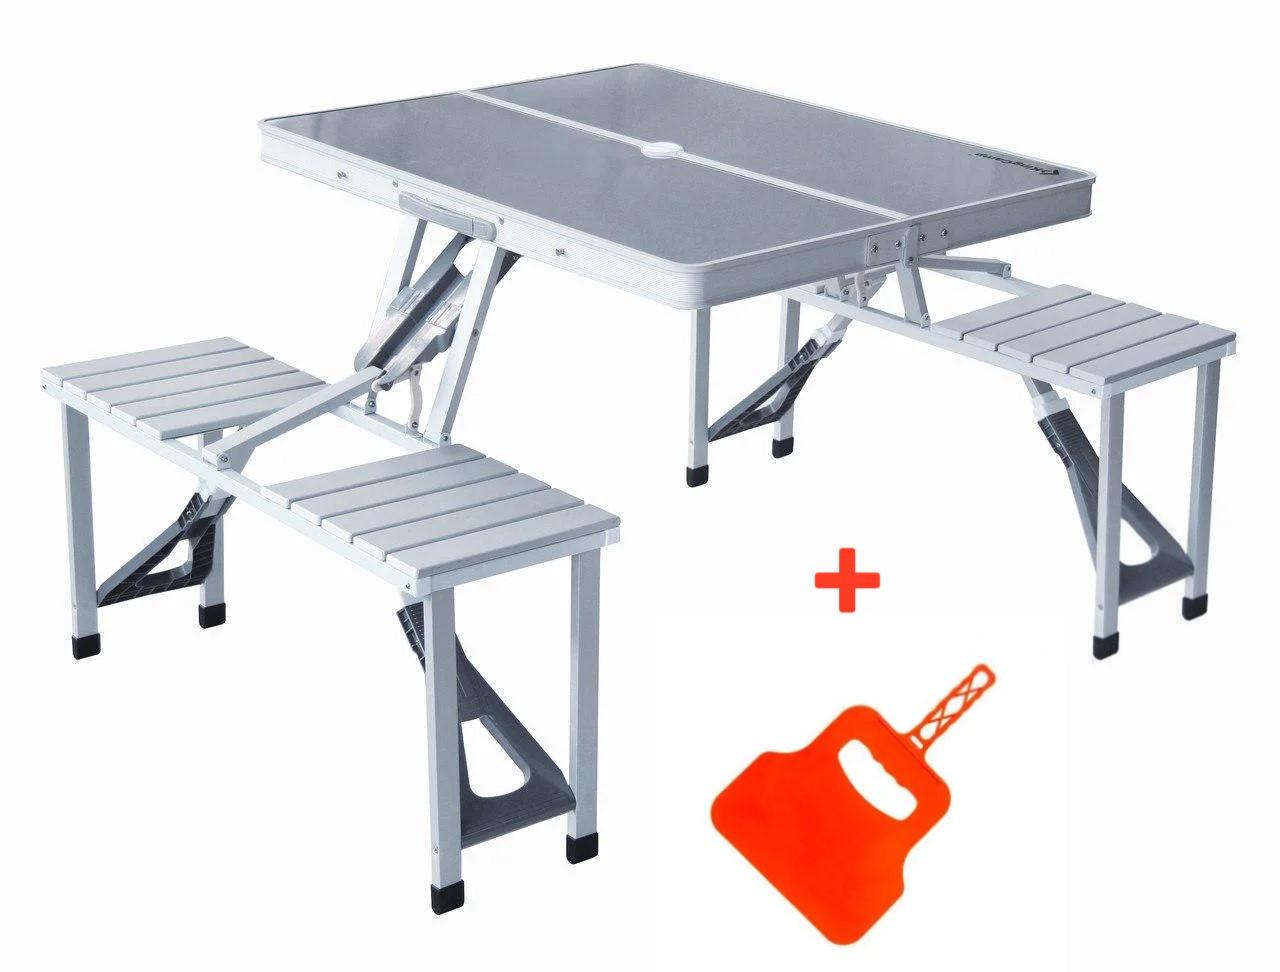 Алюминиевый складной ручной столик для пикника на 4 места | Стол-чемодан Folding Picnic Table